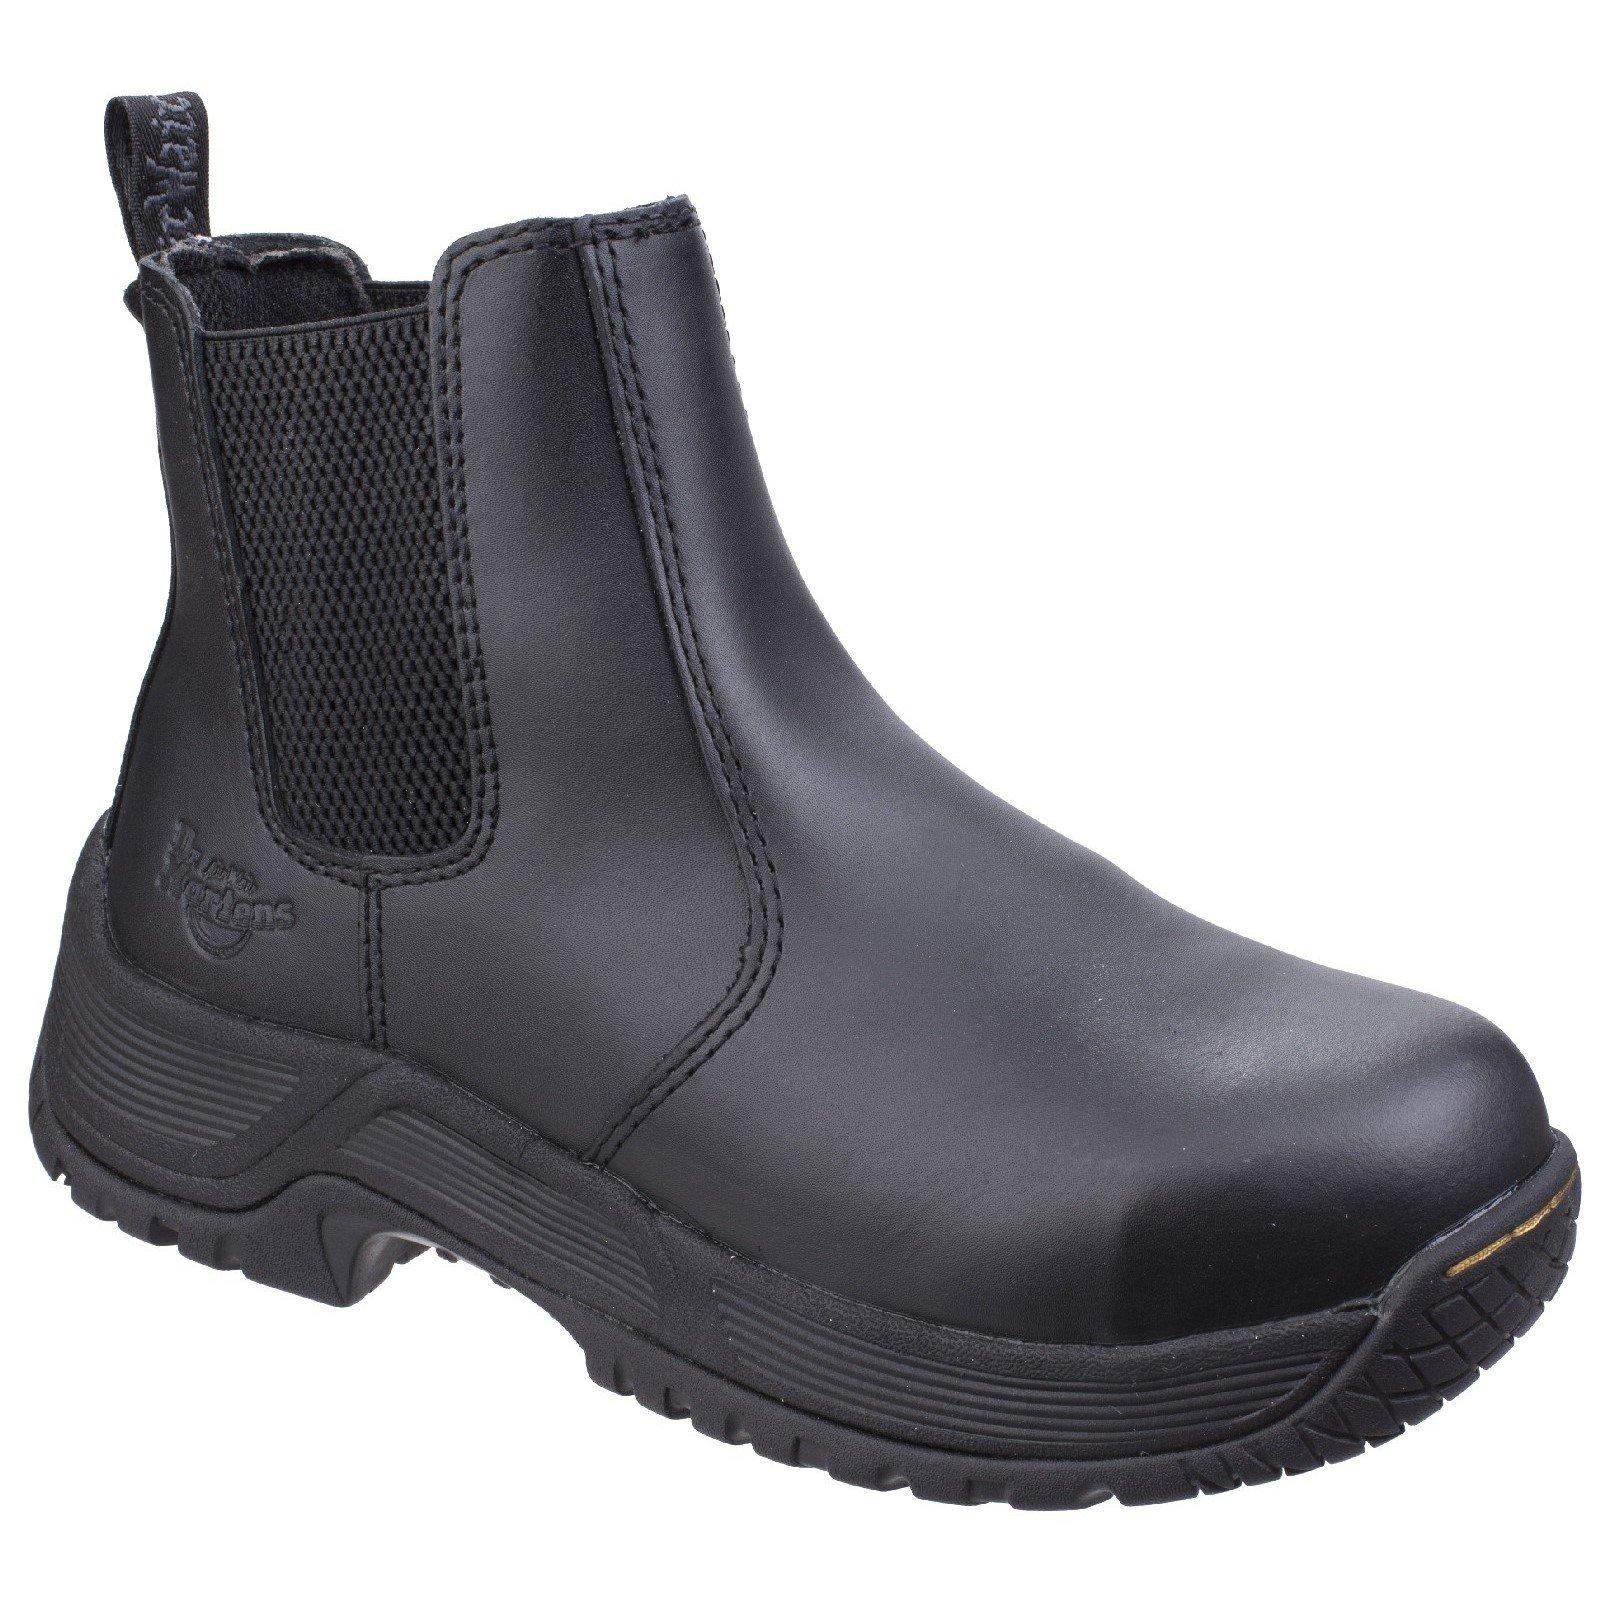 Dr Martens Men's Drakelow Safety Boot Black 26021 - Black 11